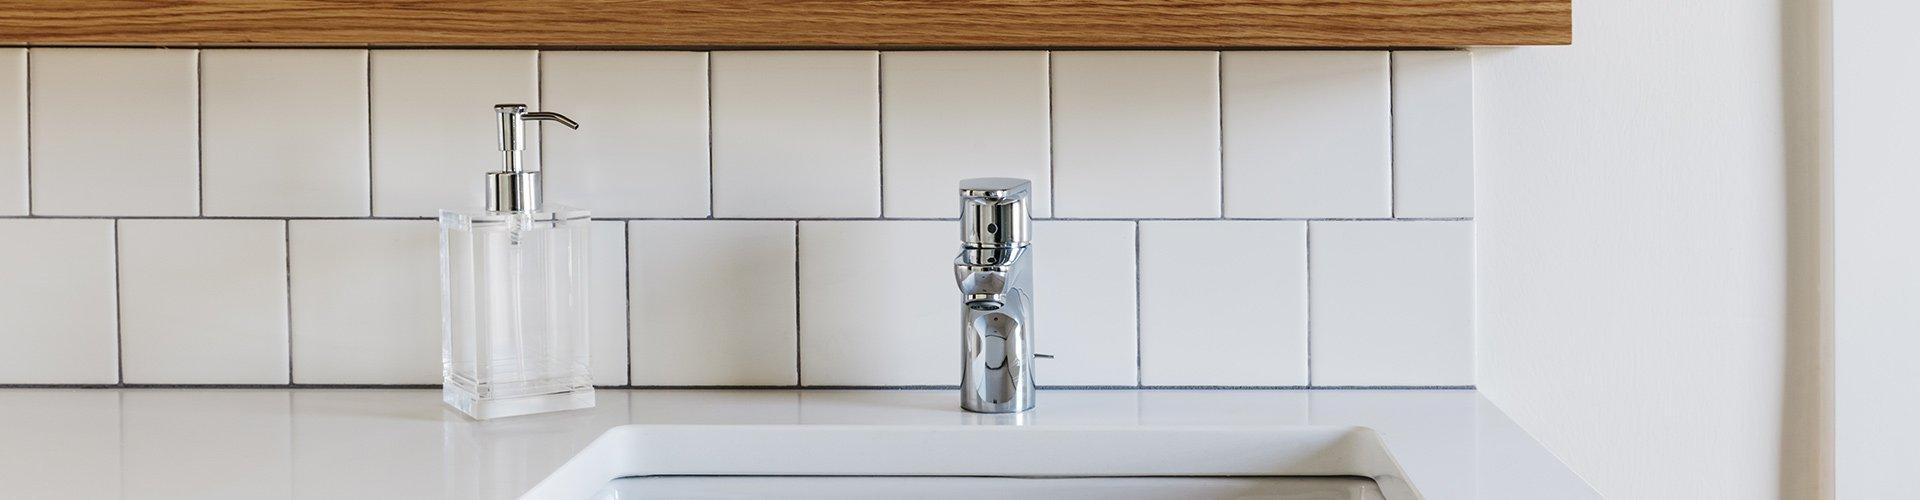 Renovera badrum Stockholm | Vi hjälper dig snabbt & proffsigt